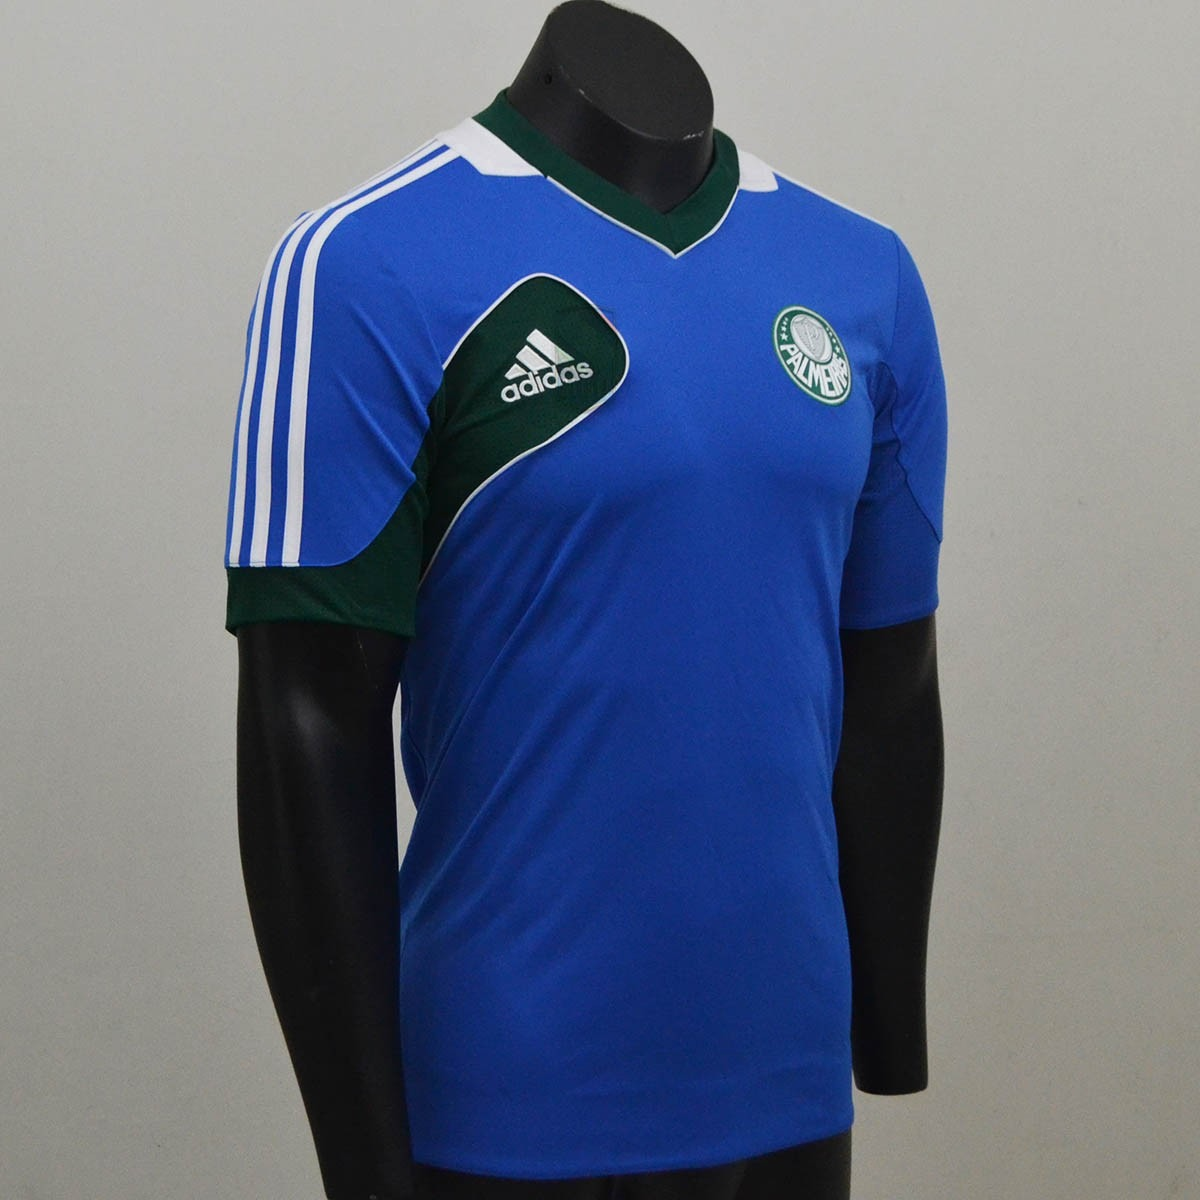 d203108cef035 Camisa adidas Palmeiras 2012 Treino Orig Nova De 179